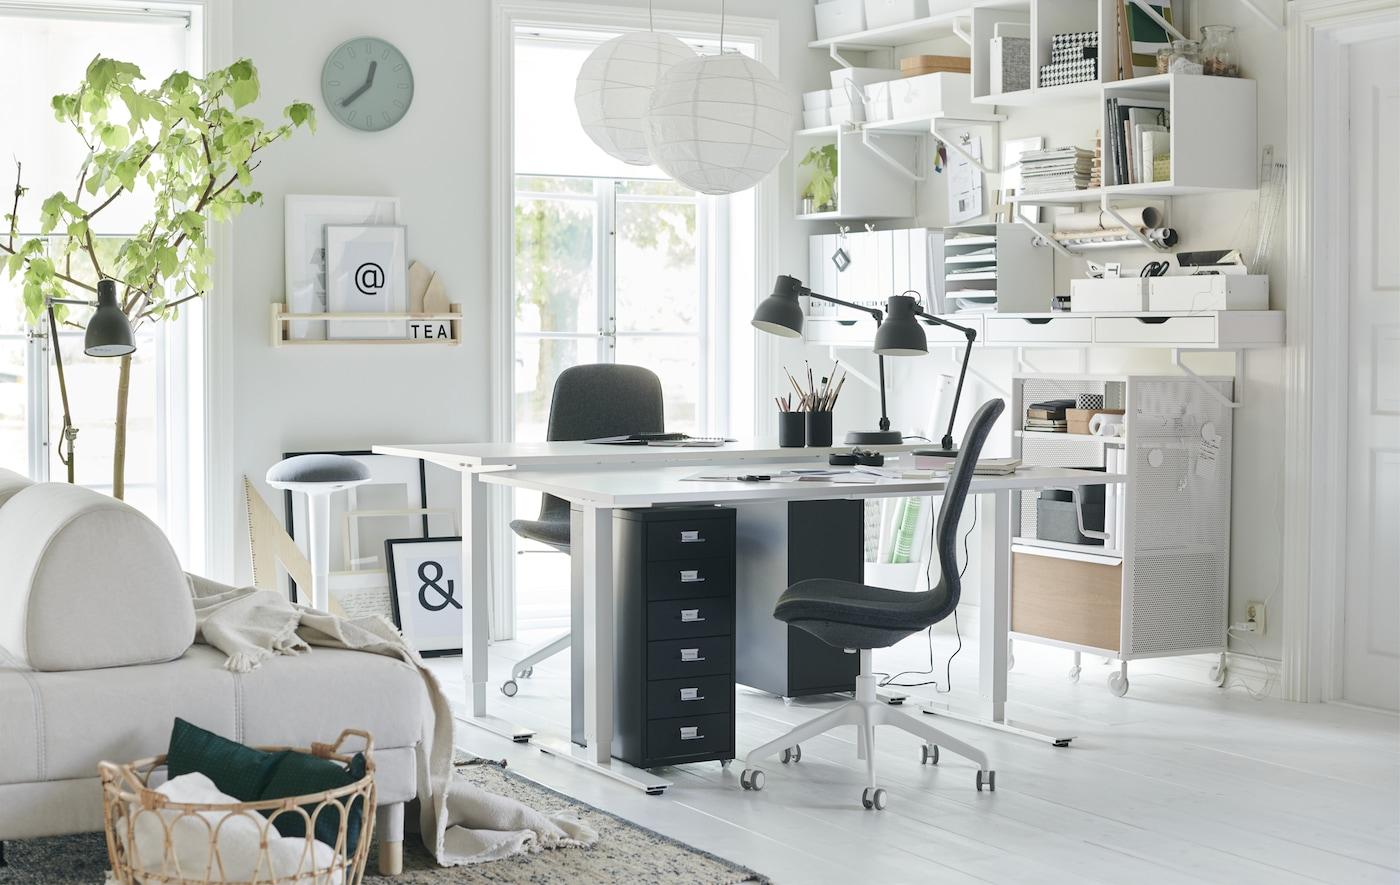 Arbeitsecke im Wohnzimmer einrichten - IKEA Deutschland